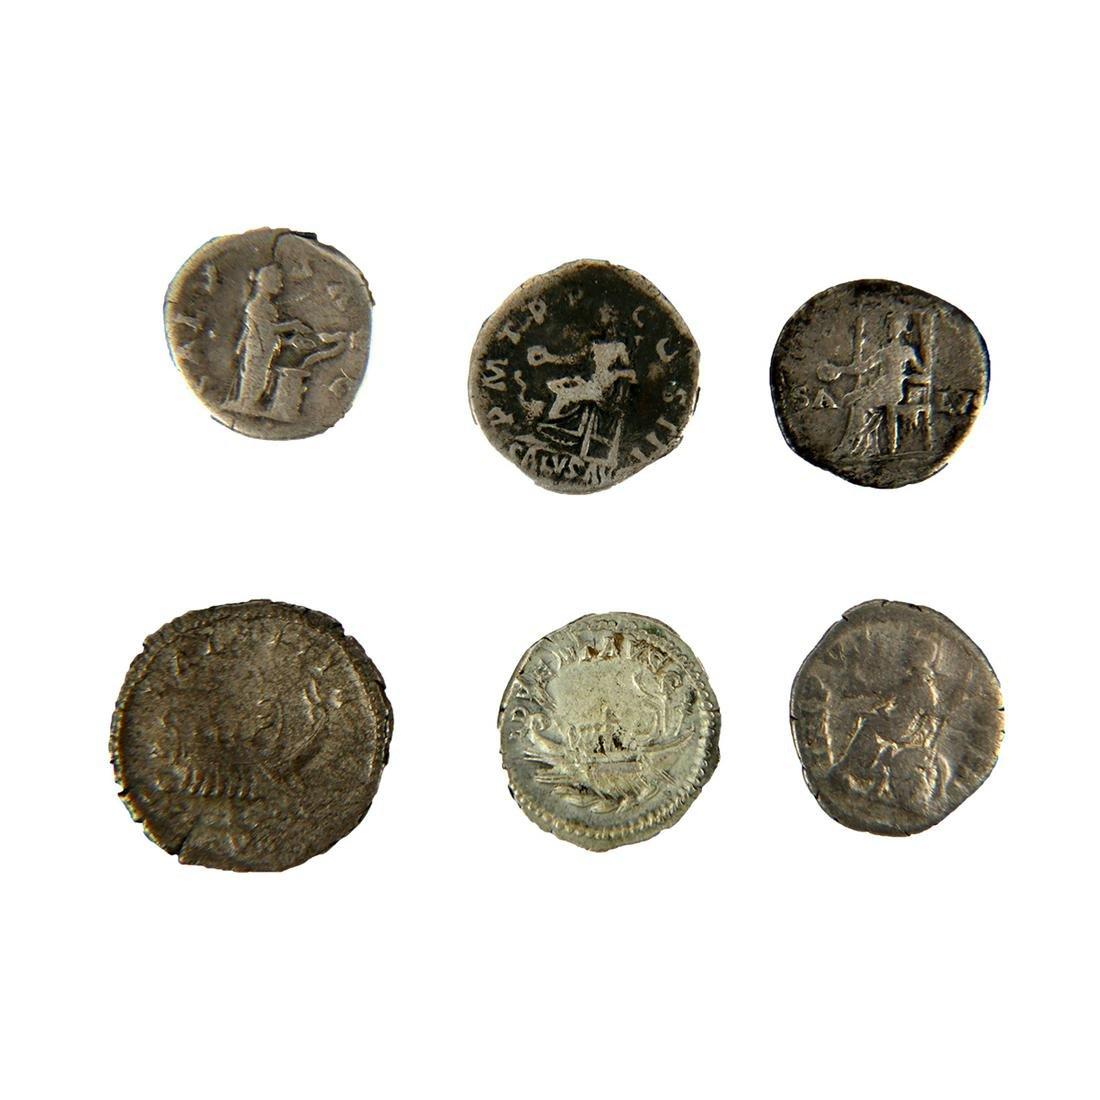 Lot of 6 Ancient Roman silver denarius